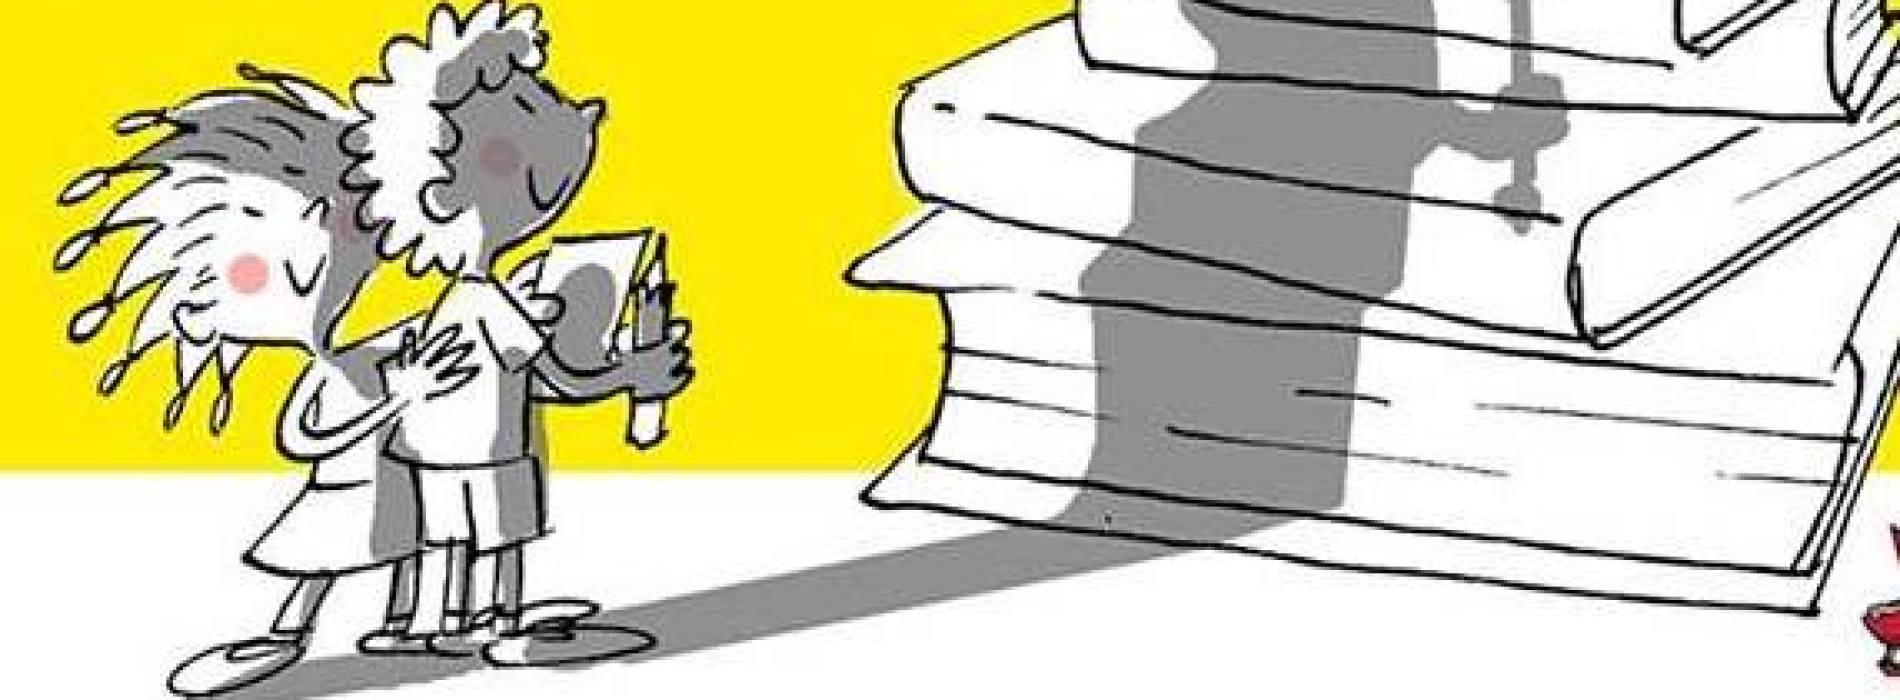 Aprire i libri per aprire le menti, è il video dell'Agenzia Mattei